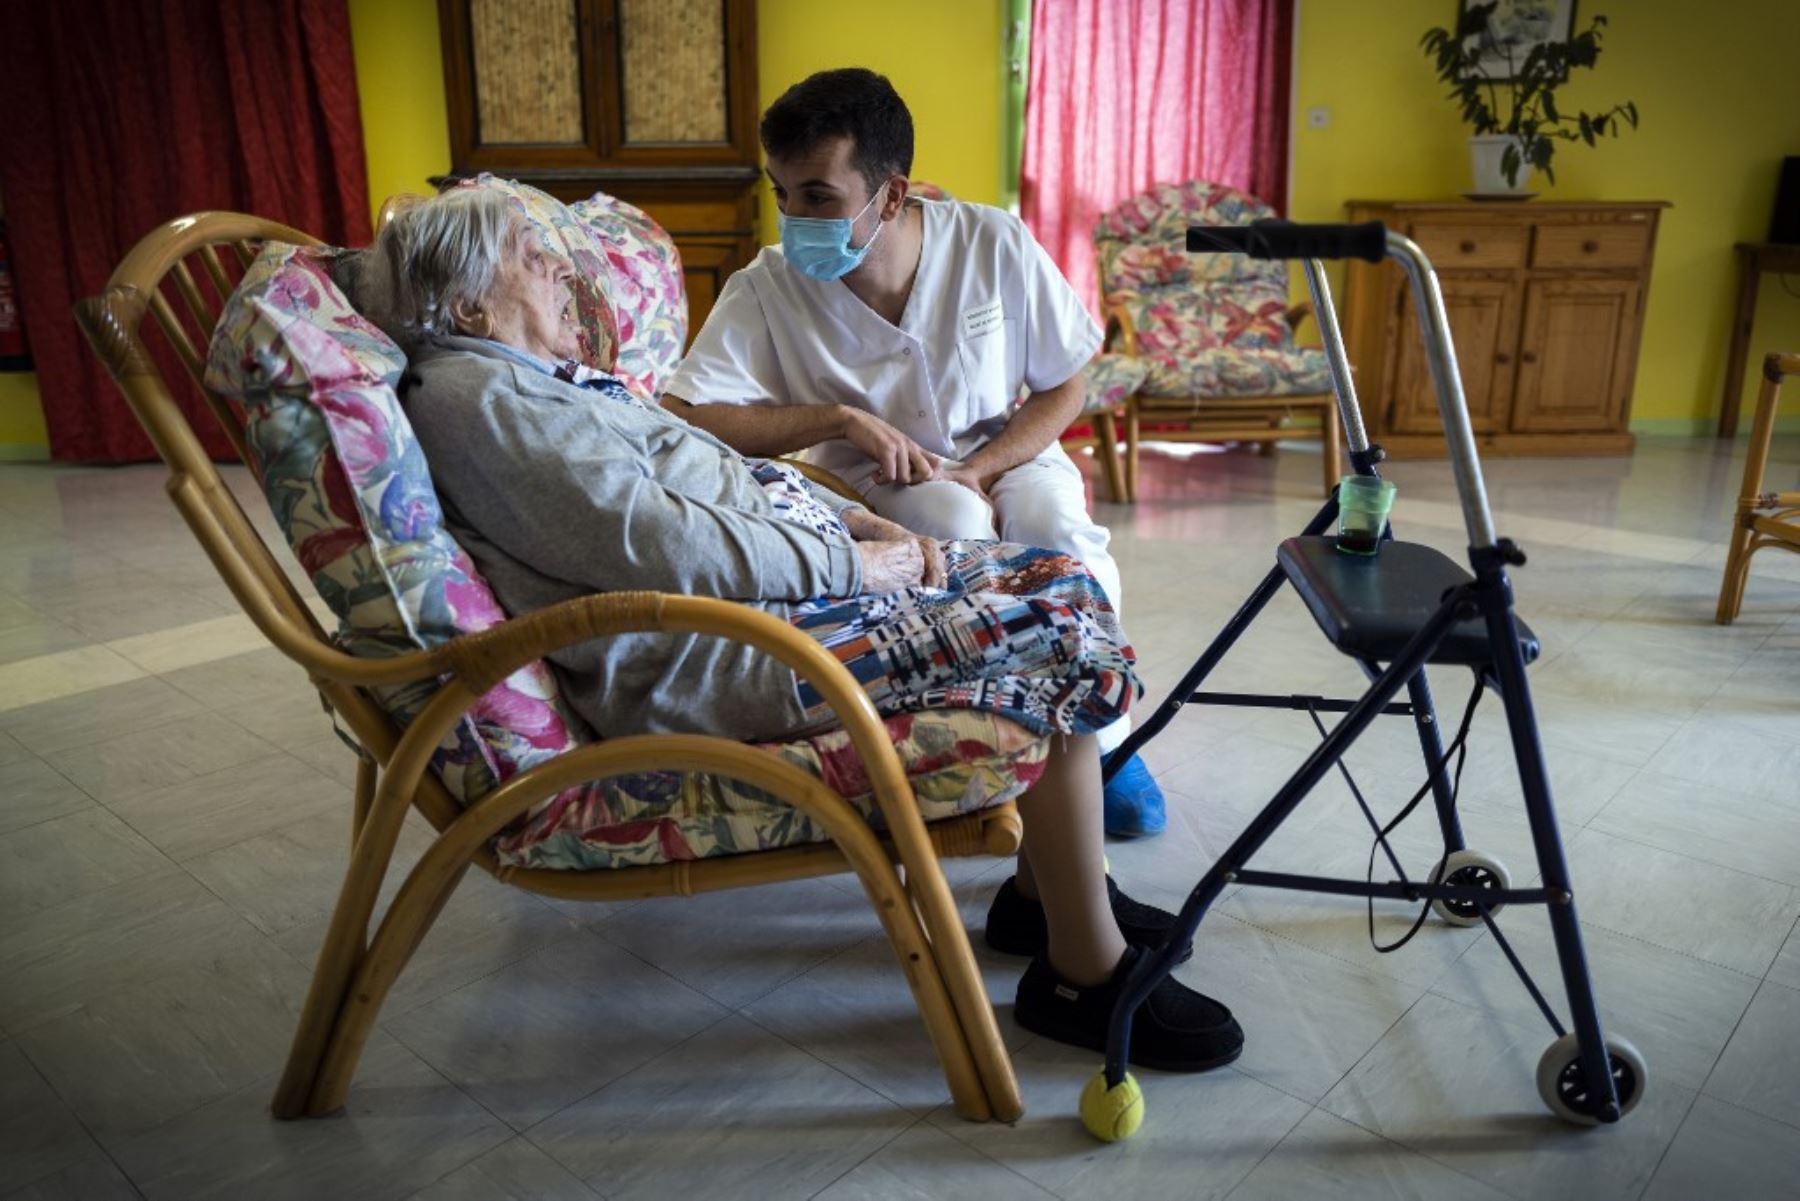 Rosalie Jalbert, de 102 años, que dio positivo en la prueba del Covid-19, conversa con un empleado mientras se sienta en un sofá en la casa de retiro Le Coustil en Salles, sur de Francia. Foto: AFP